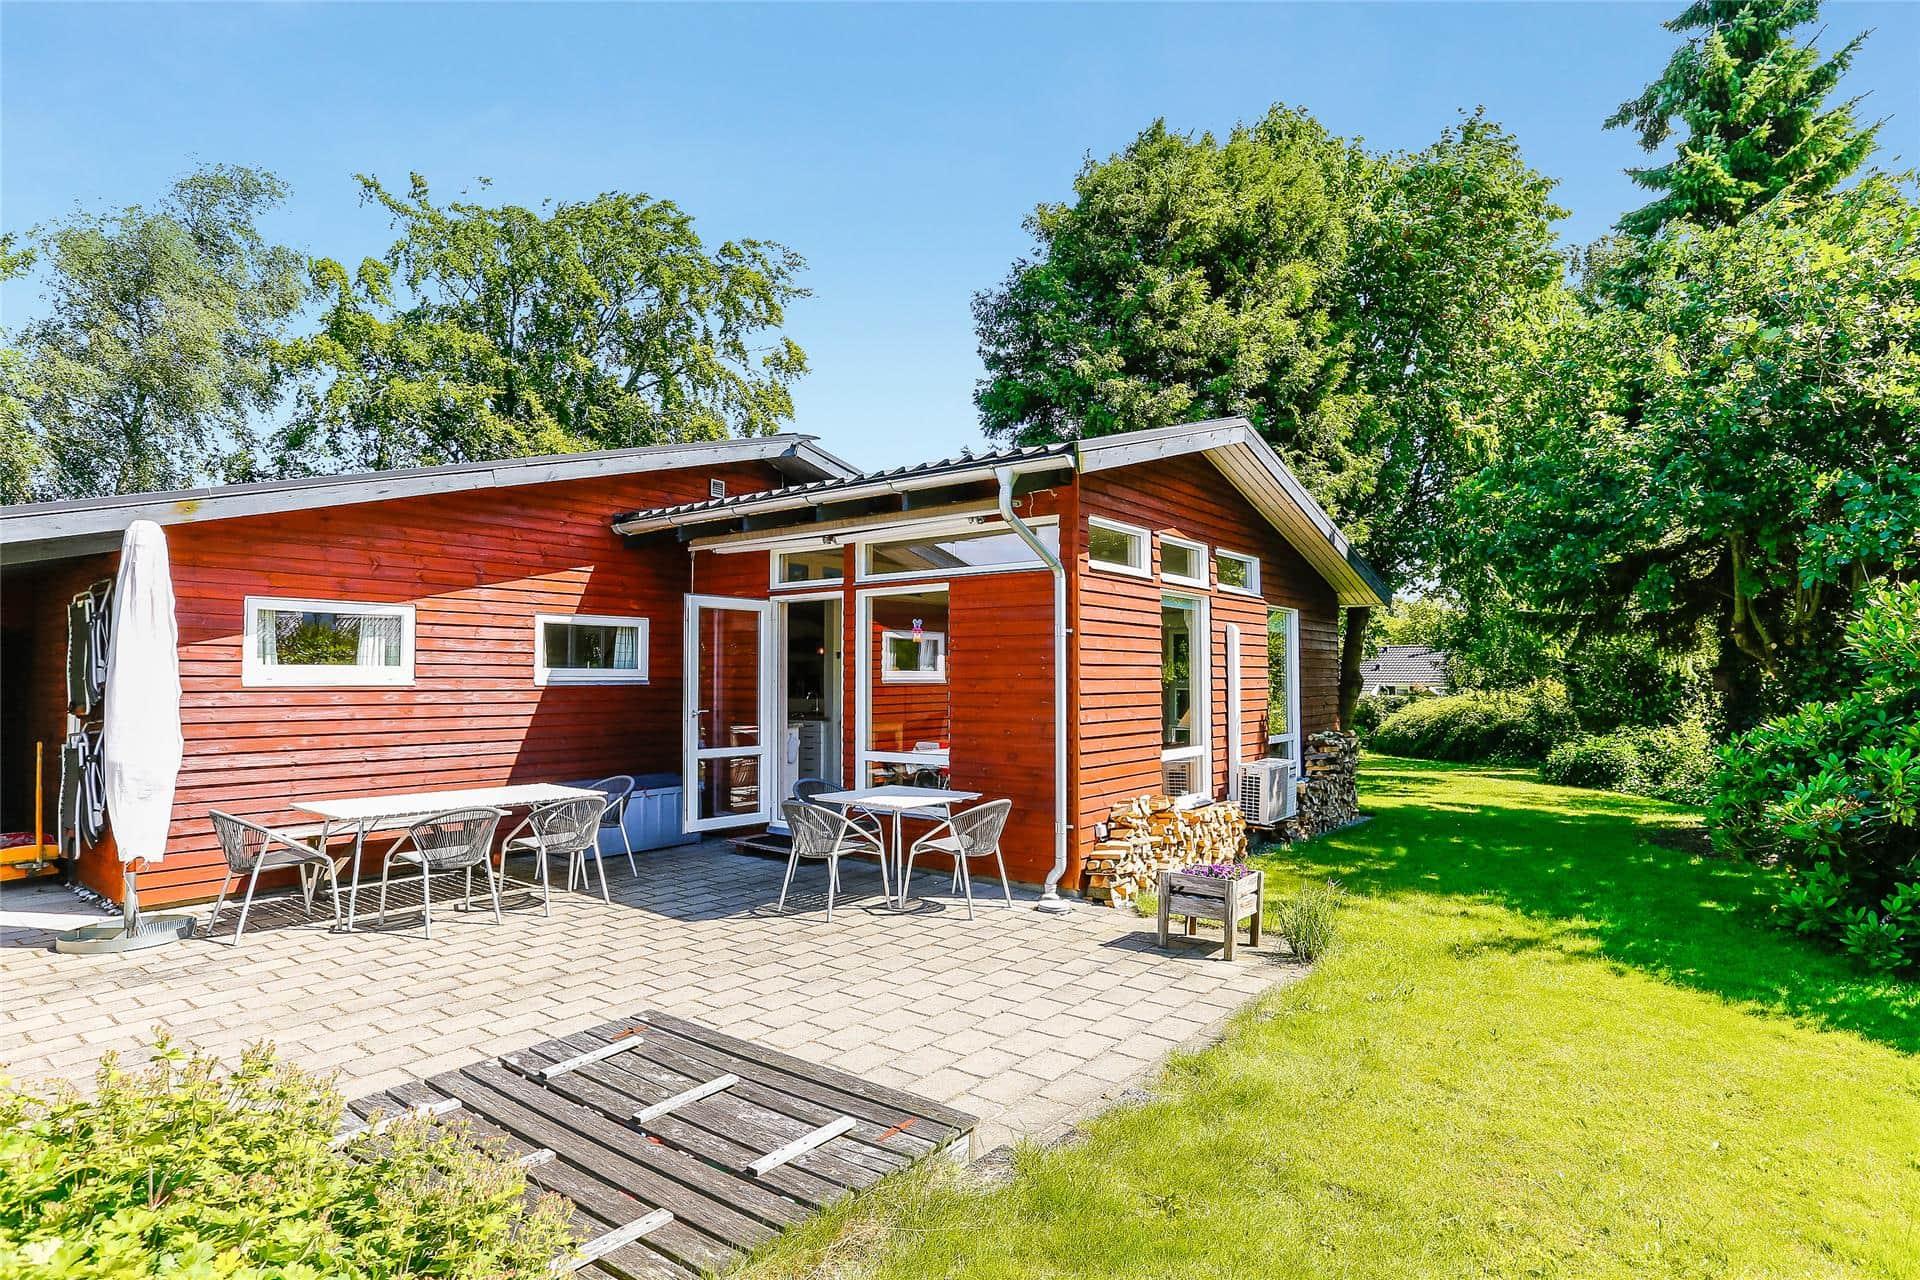 Afbeelding 1-19 Vakantiehuis 30037, Solsortevænget 3, DK - 8330 Beder